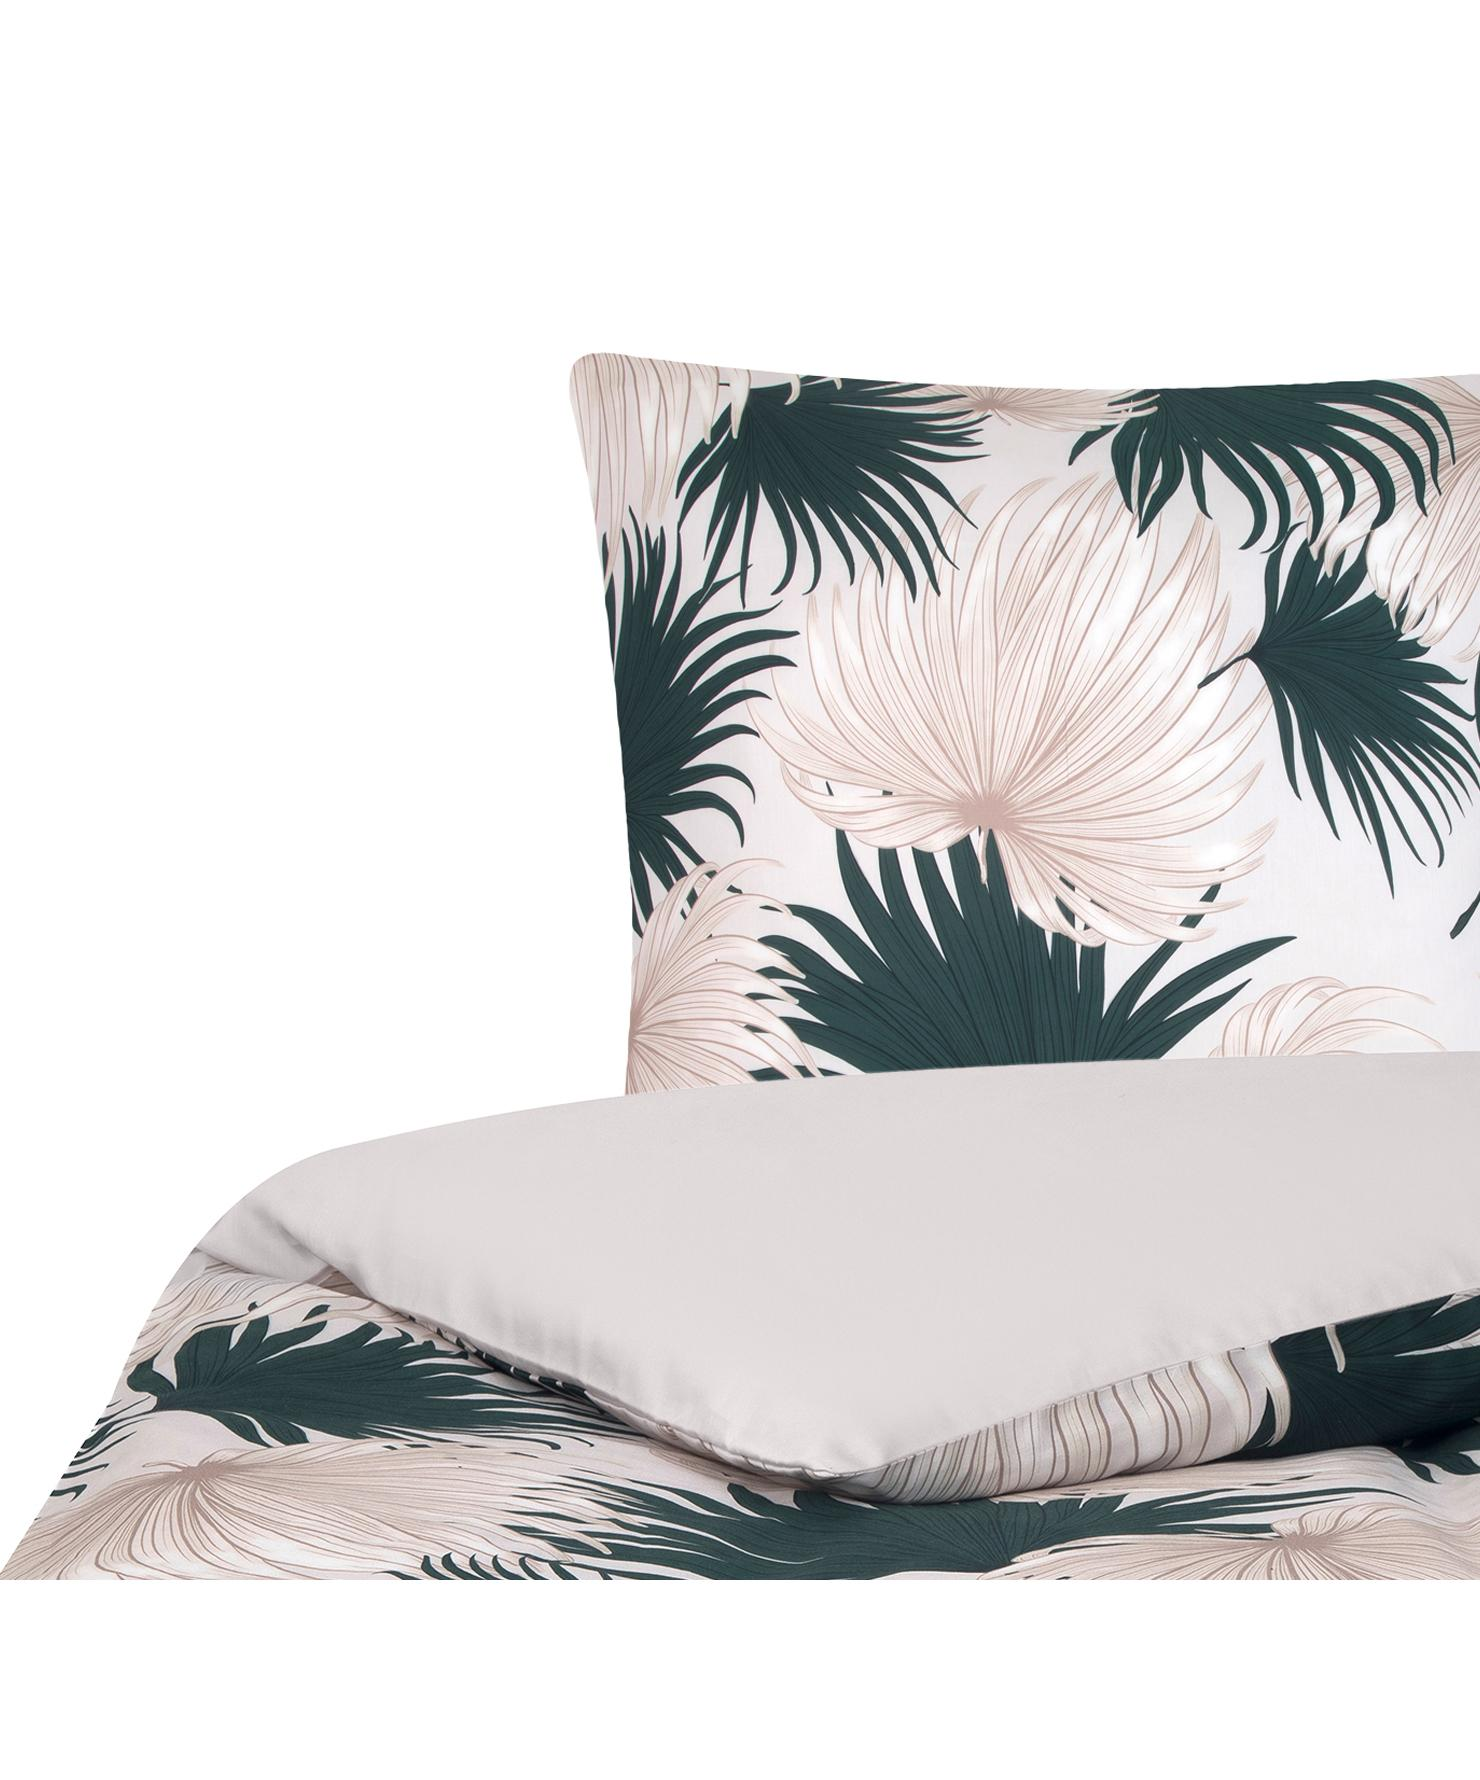 Baumwollsatin-Bettwäsche Aloha mit Palmenblättern, Webart: Satin Fadendichte 210 TC,, Vorderseite: Beige, GrünRückseite: Beige, 135 x 200 cm + 1 Kissen 80 x 80 cm